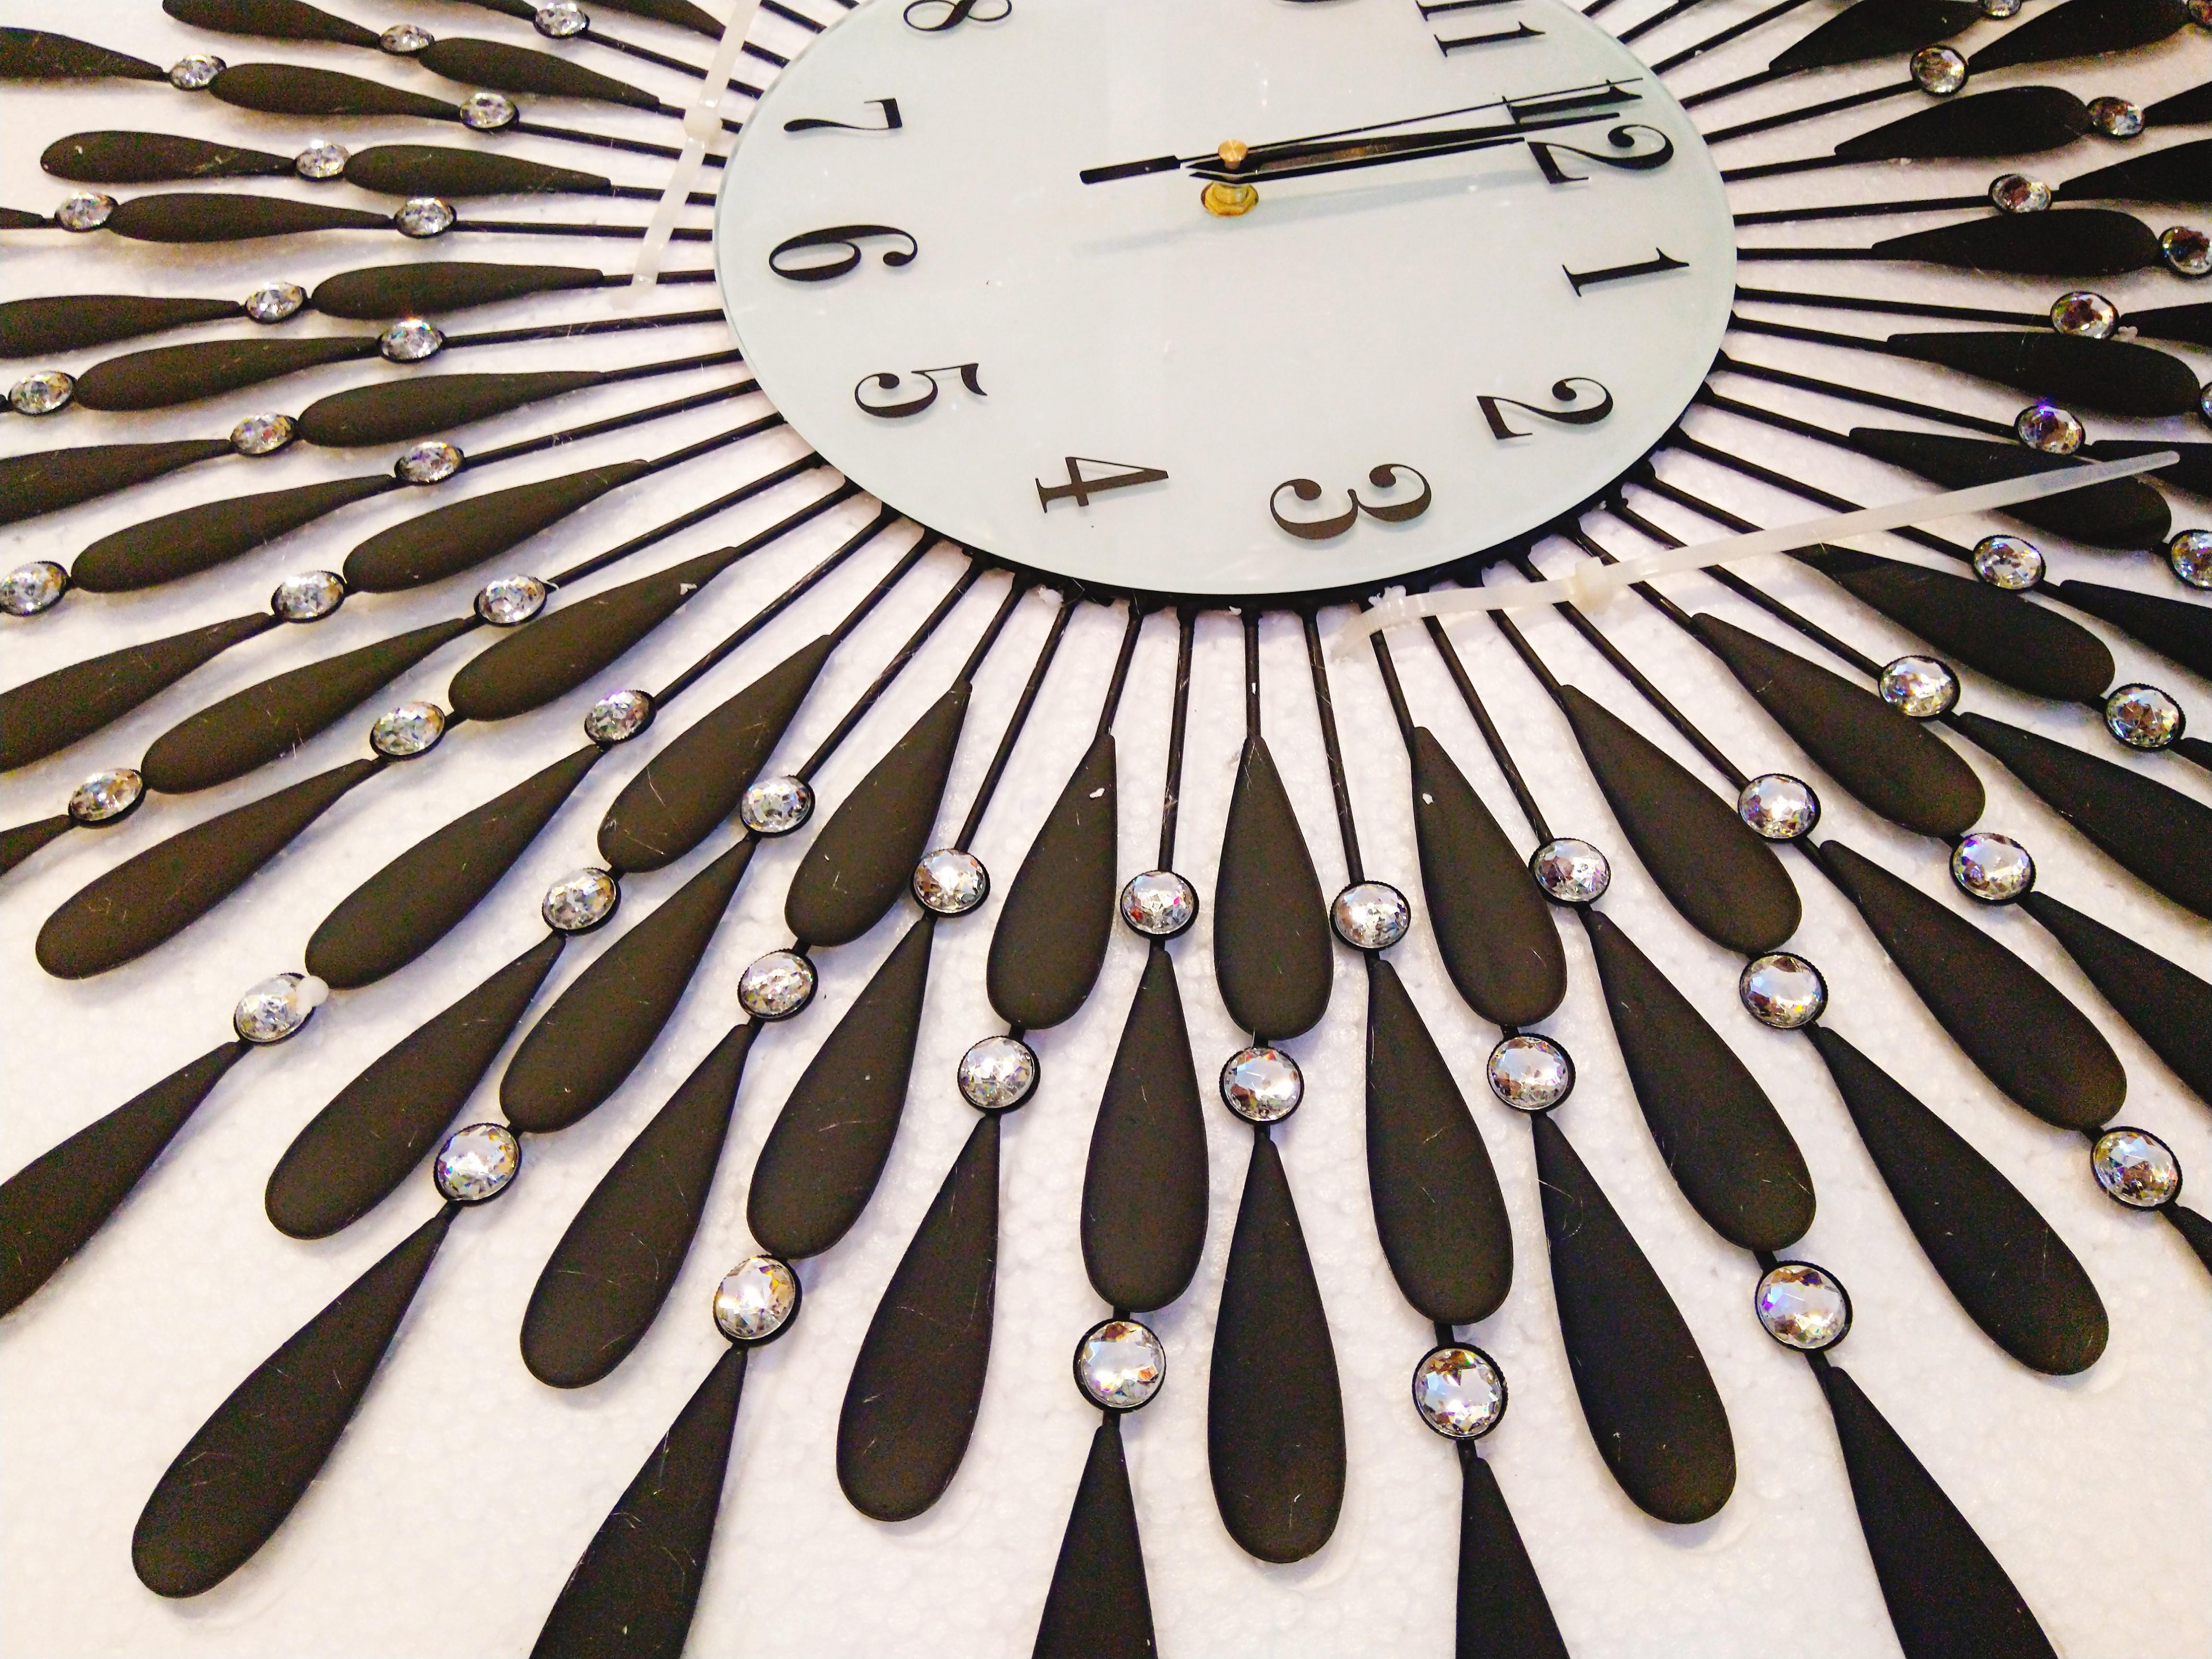 Hình thật chụp cận của đồng hồ treo tường giọt nước màu đen size lớn 70cm trang trí - hình đồng hồ trong hộp